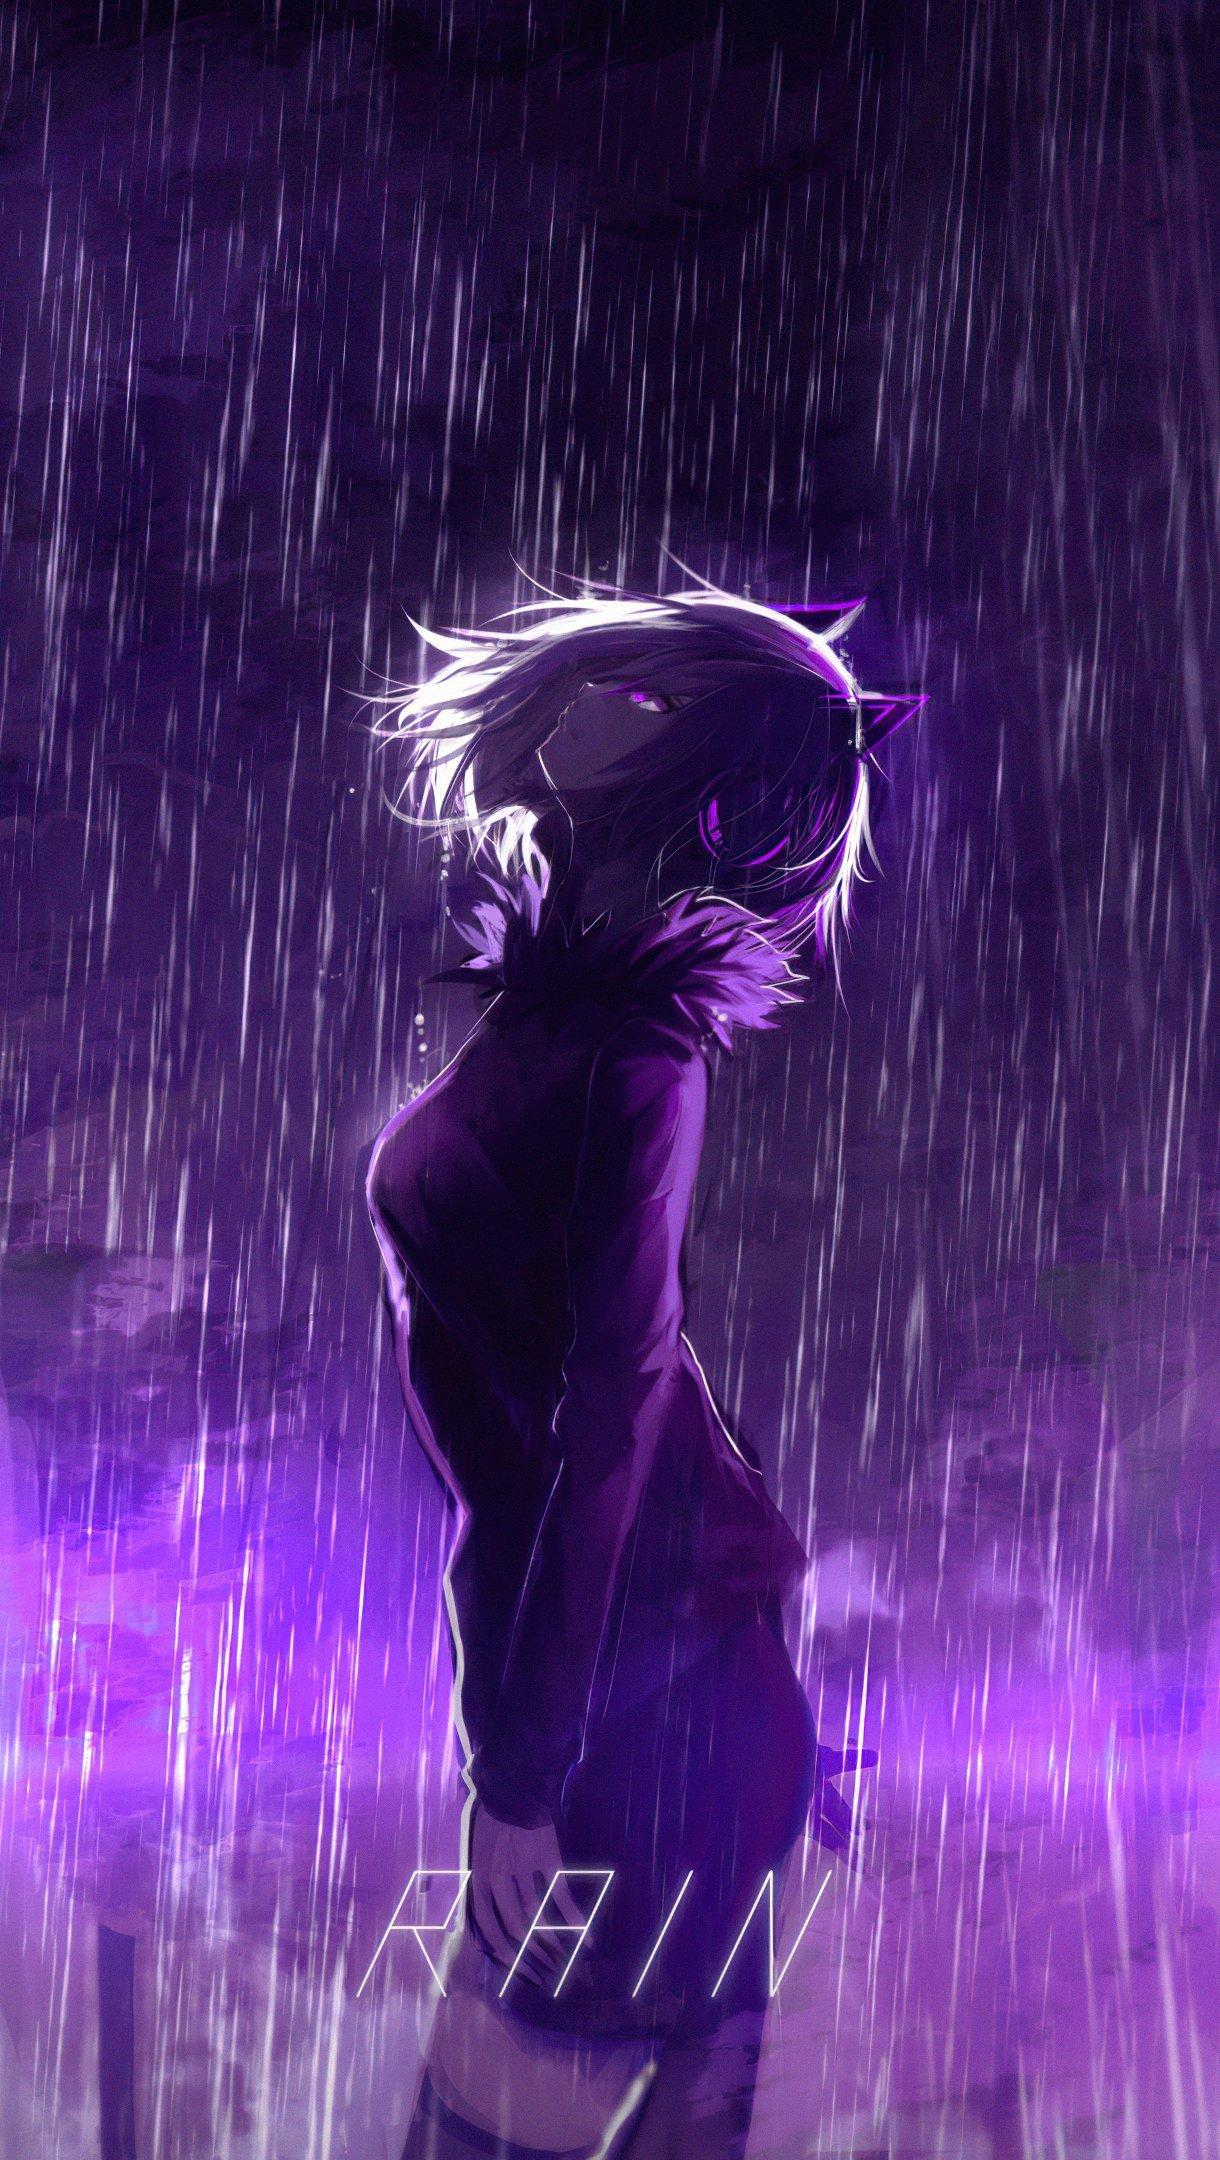 Fondos de pantalla Chica bajo lluvia morada Vertical